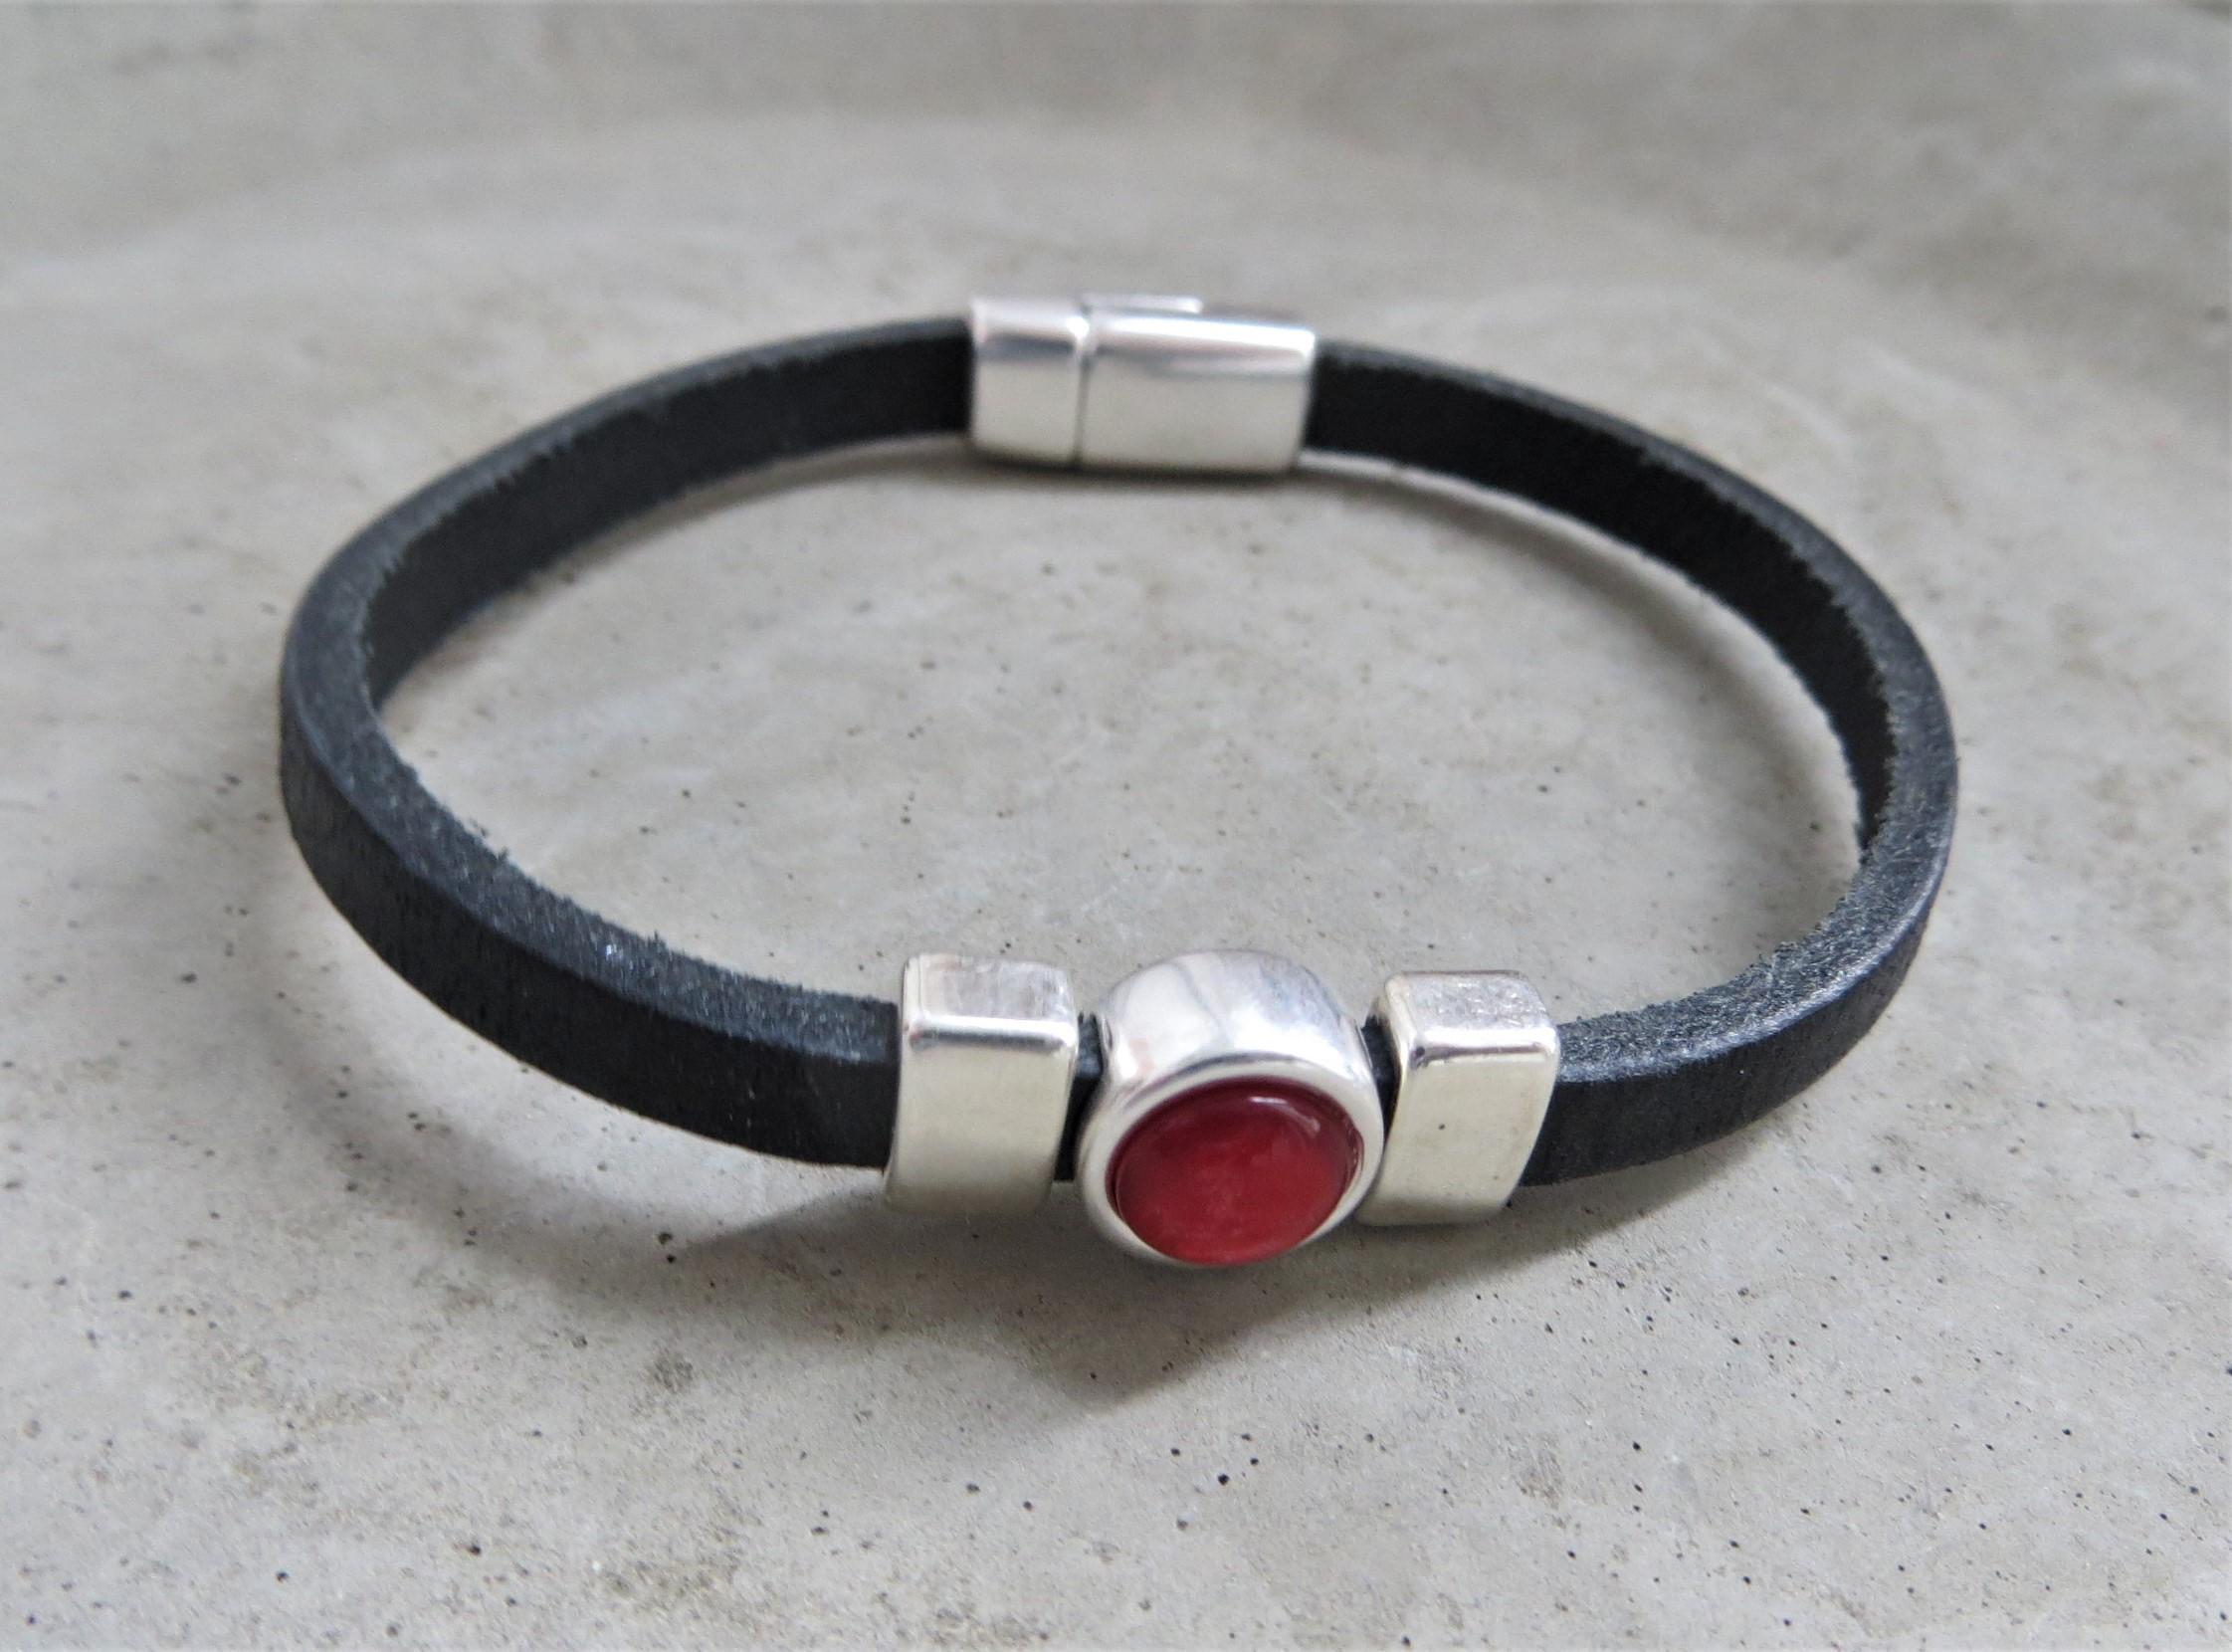 Armbaender für Frauen - QOSS Armband CHARLOTTE Schwarz Korallrot M  - Onlineshop Tante Emmer